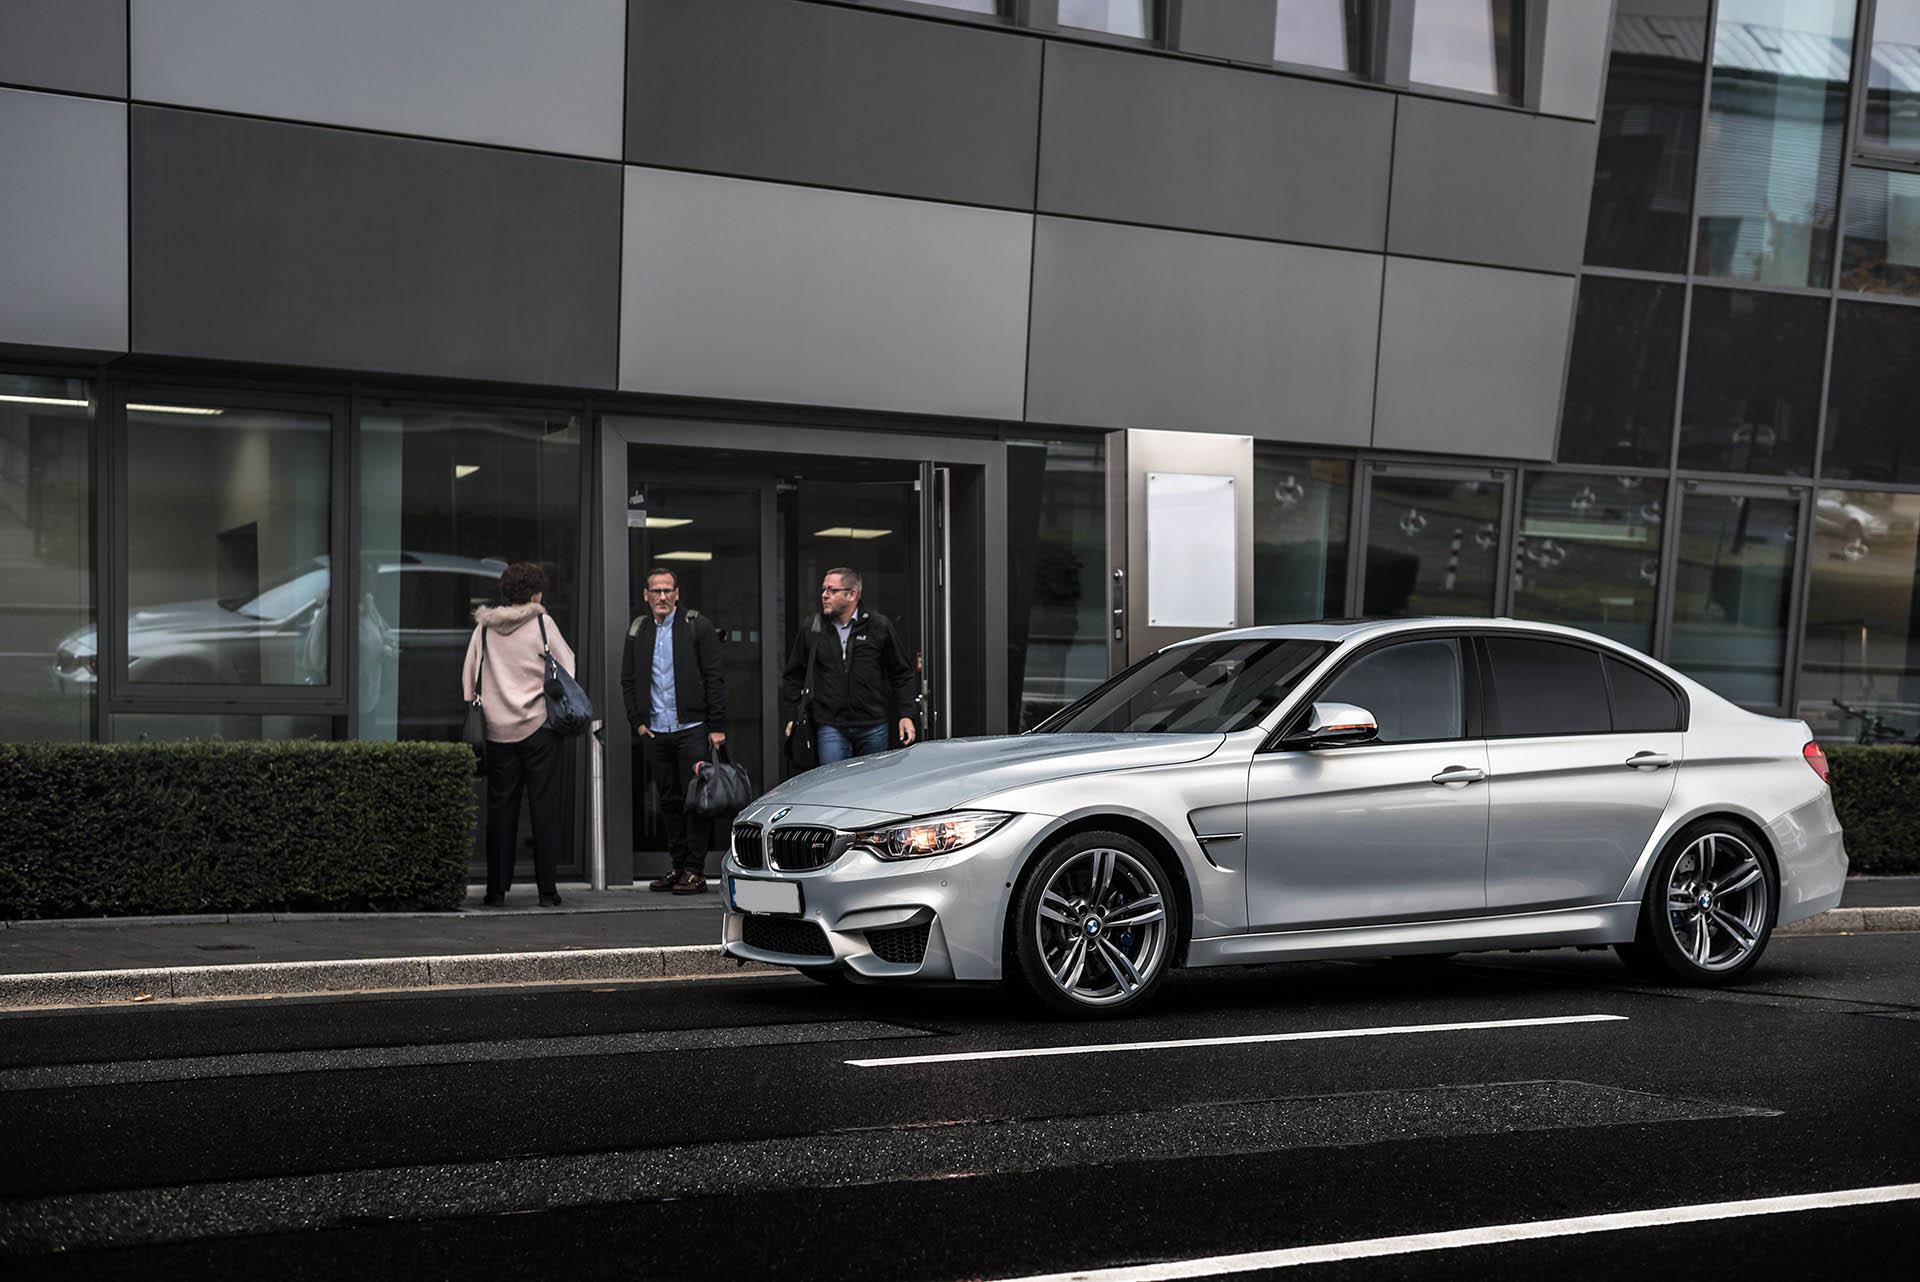 B&K_Sportwagen_Rheinland_GmbH_BMW_M3_Silber_11